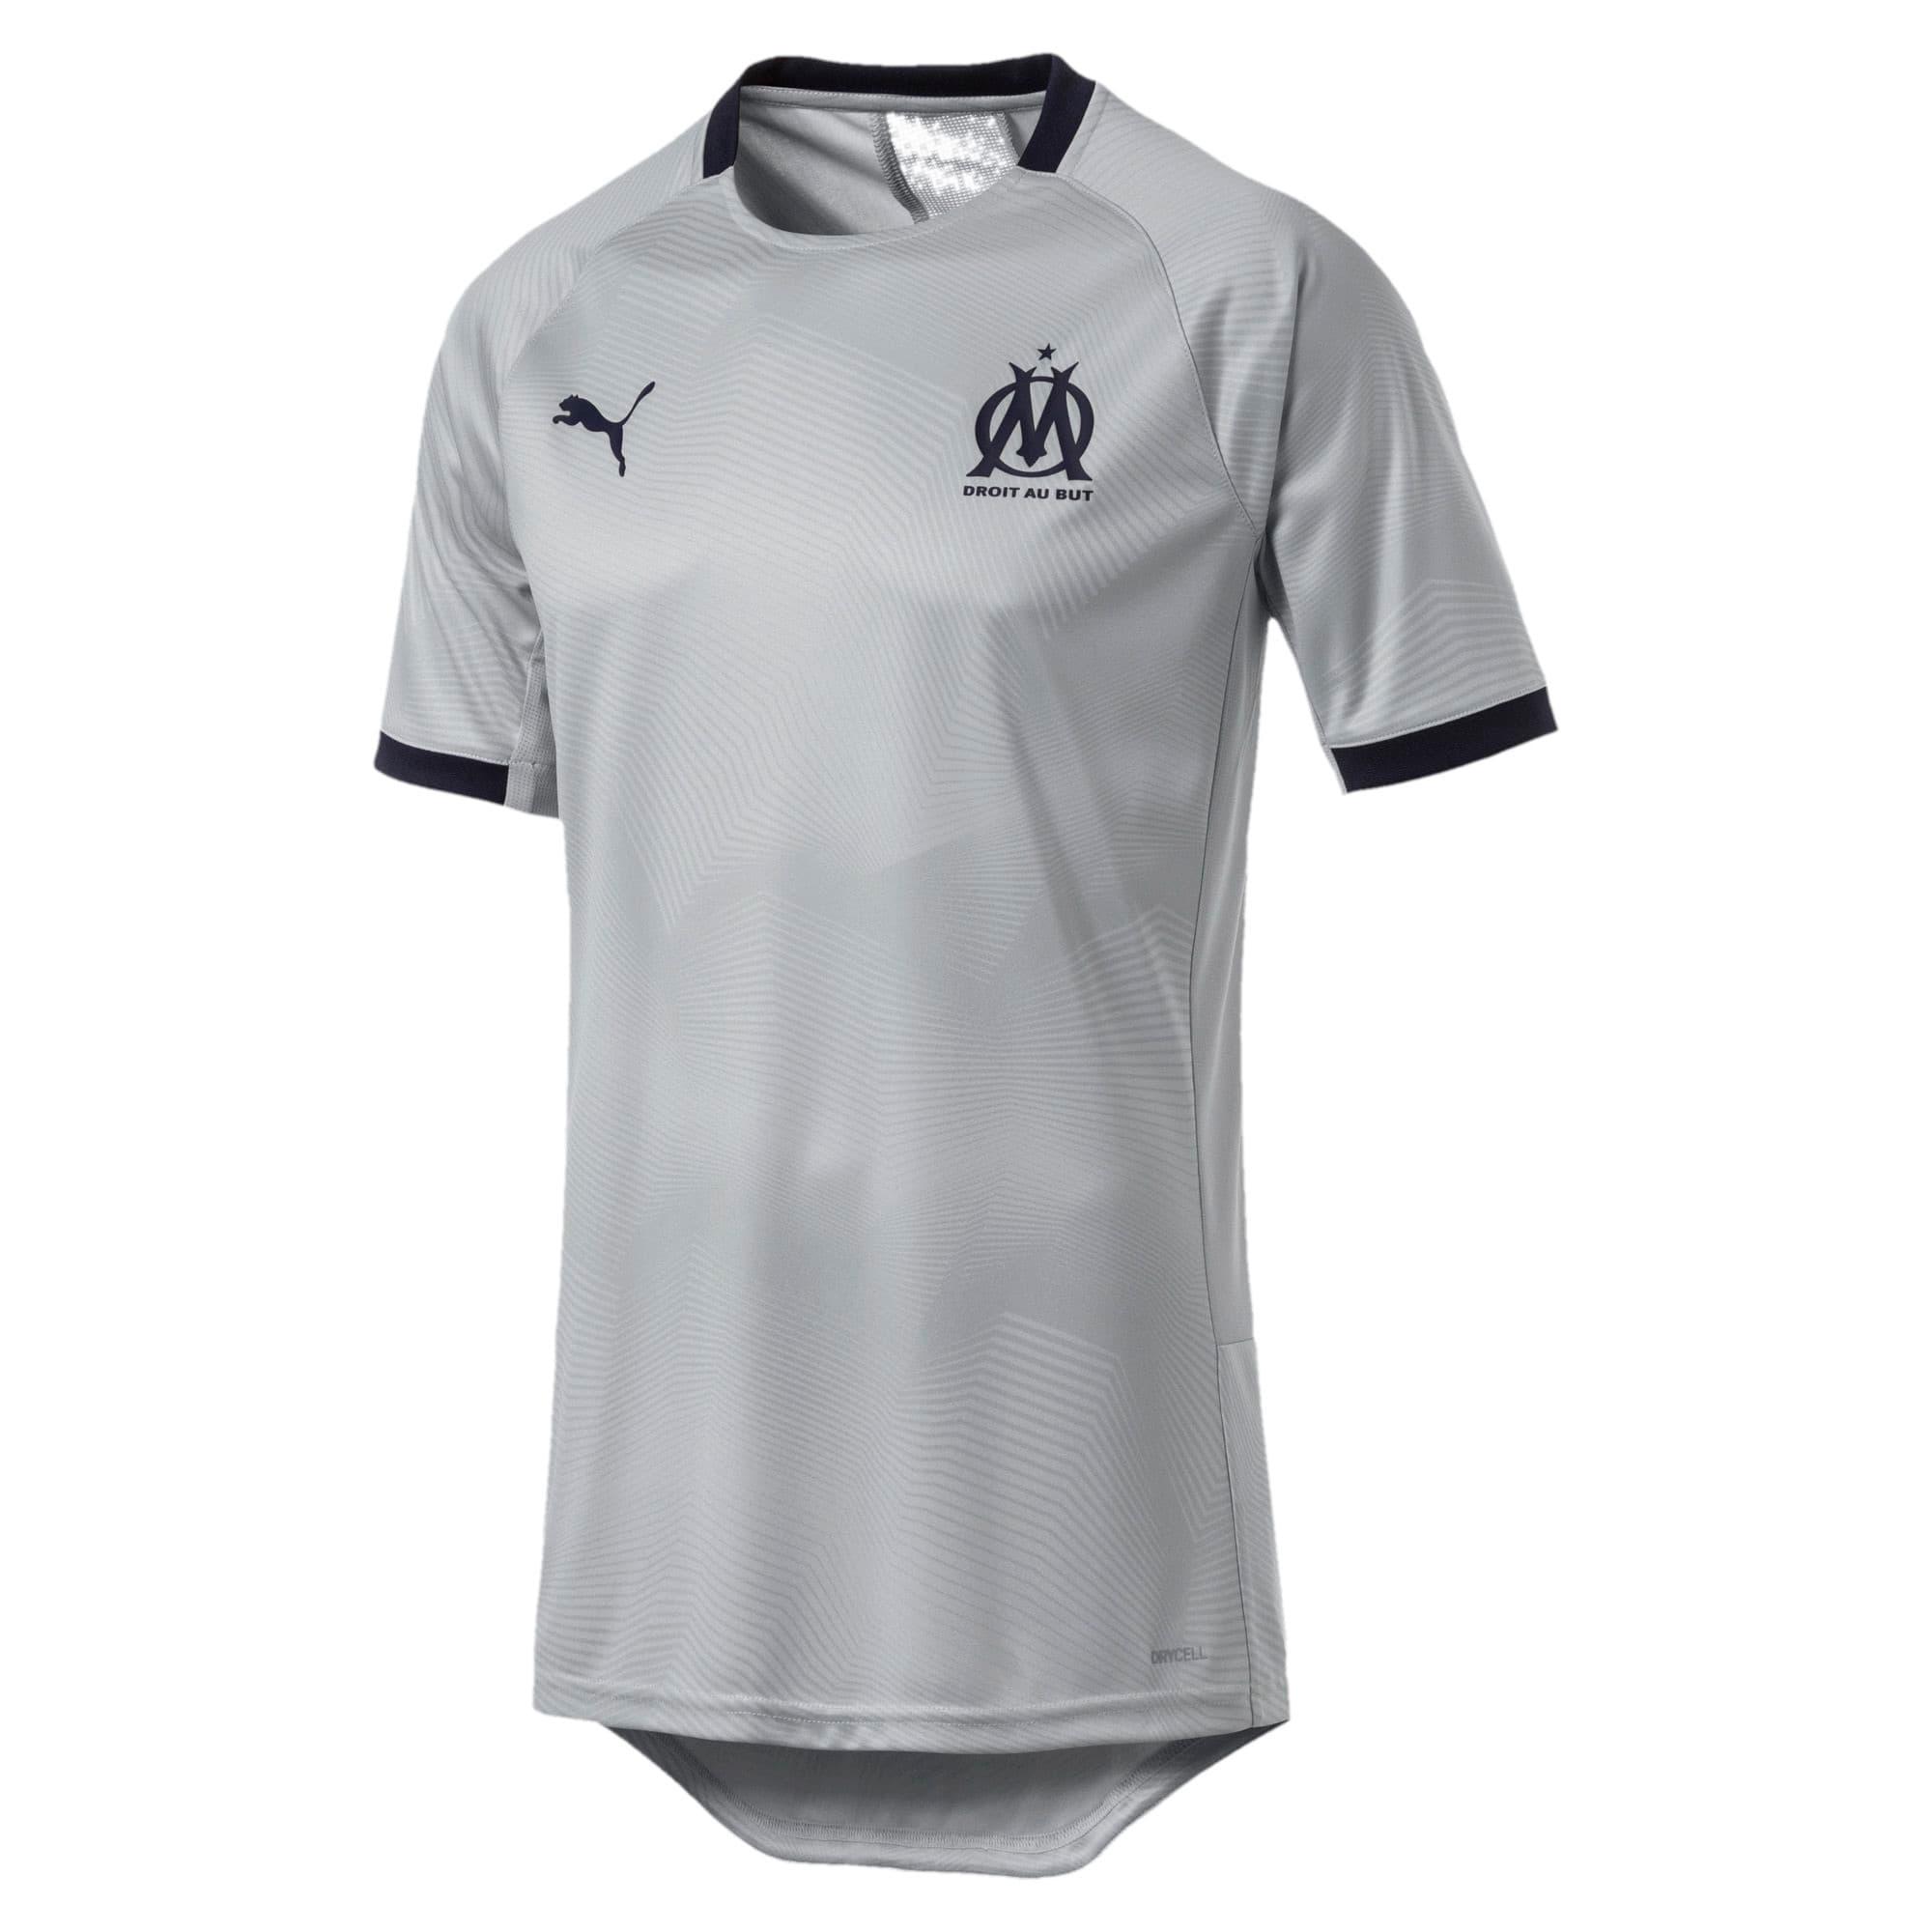 new concept 65c92 60cc7 Olympique de Marseille Men's Graphic Jersey